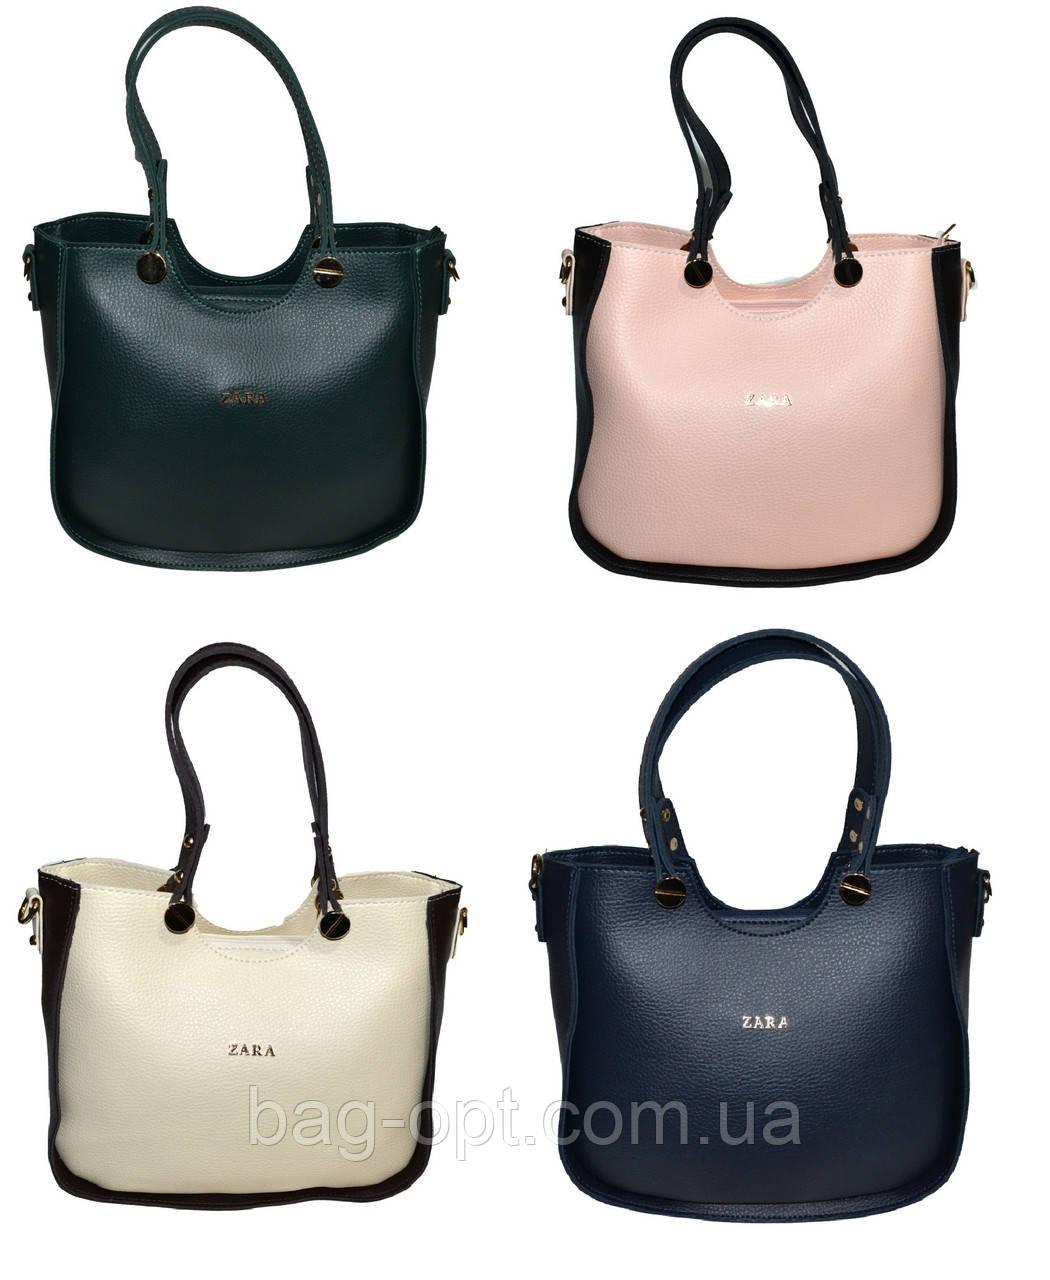 139dd2d9657b Женская сумка с цветными вставками Zara ( 24x29x12 см) Art.1736